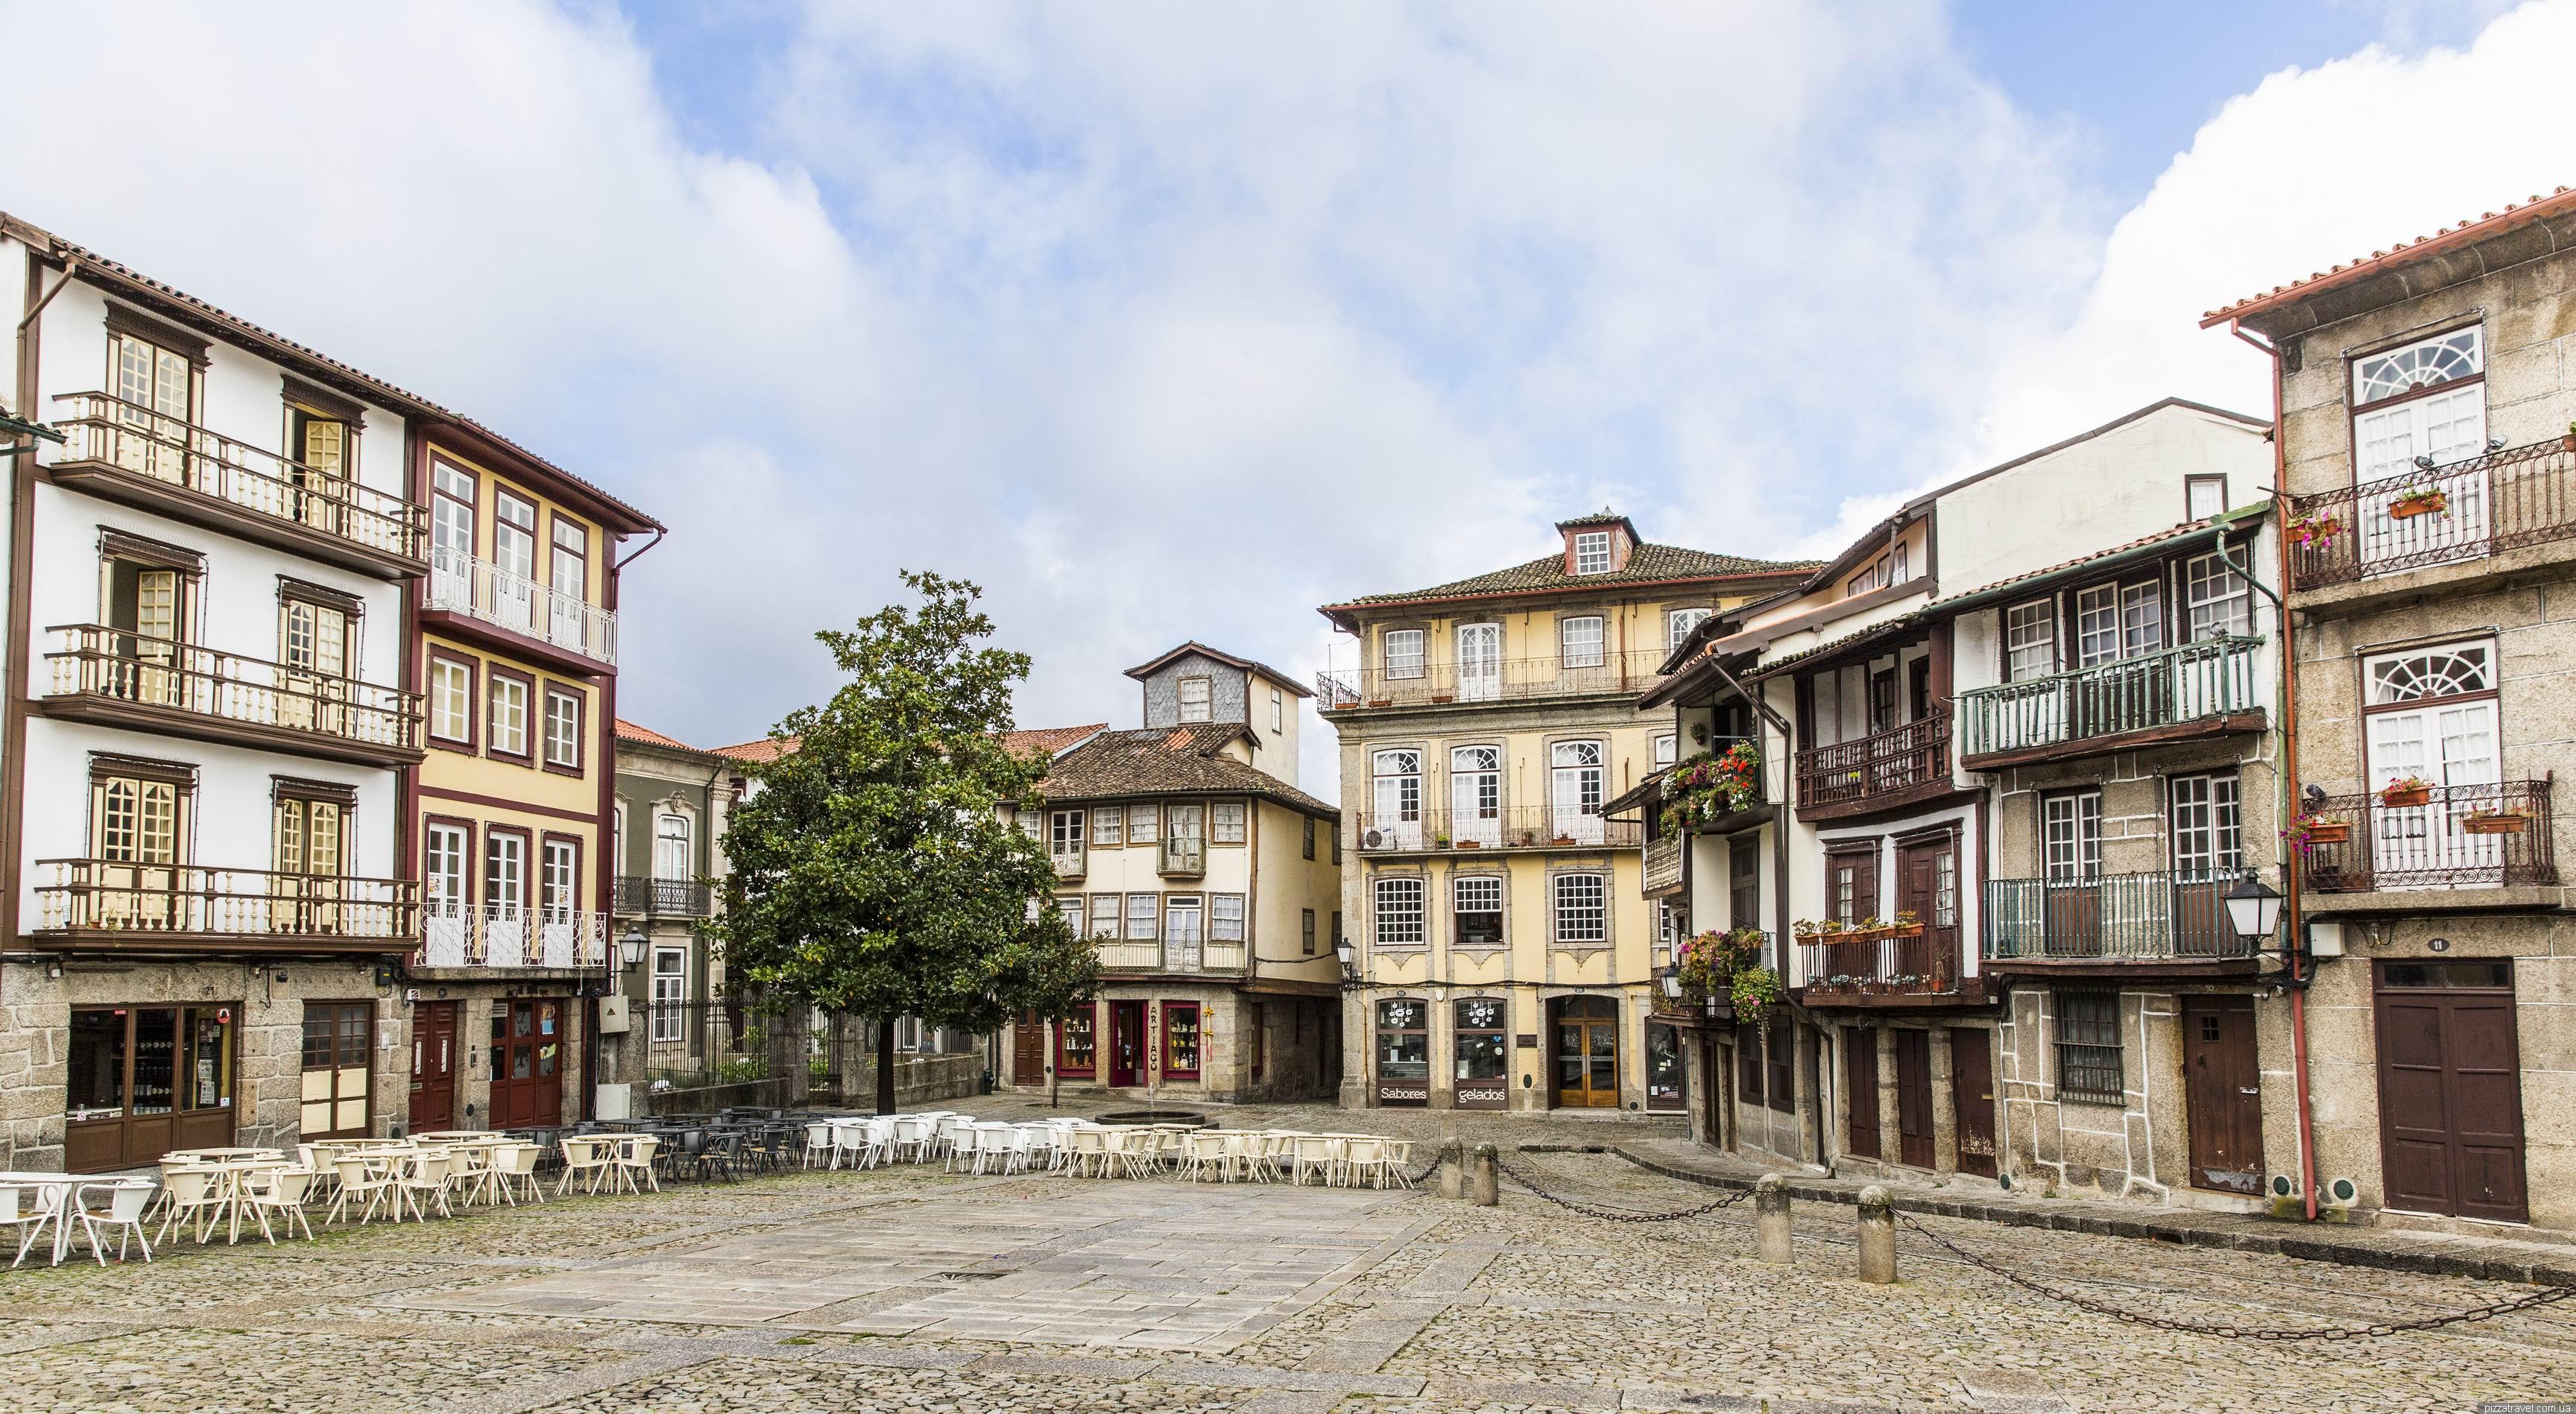 Архитектура города Гимарайнш